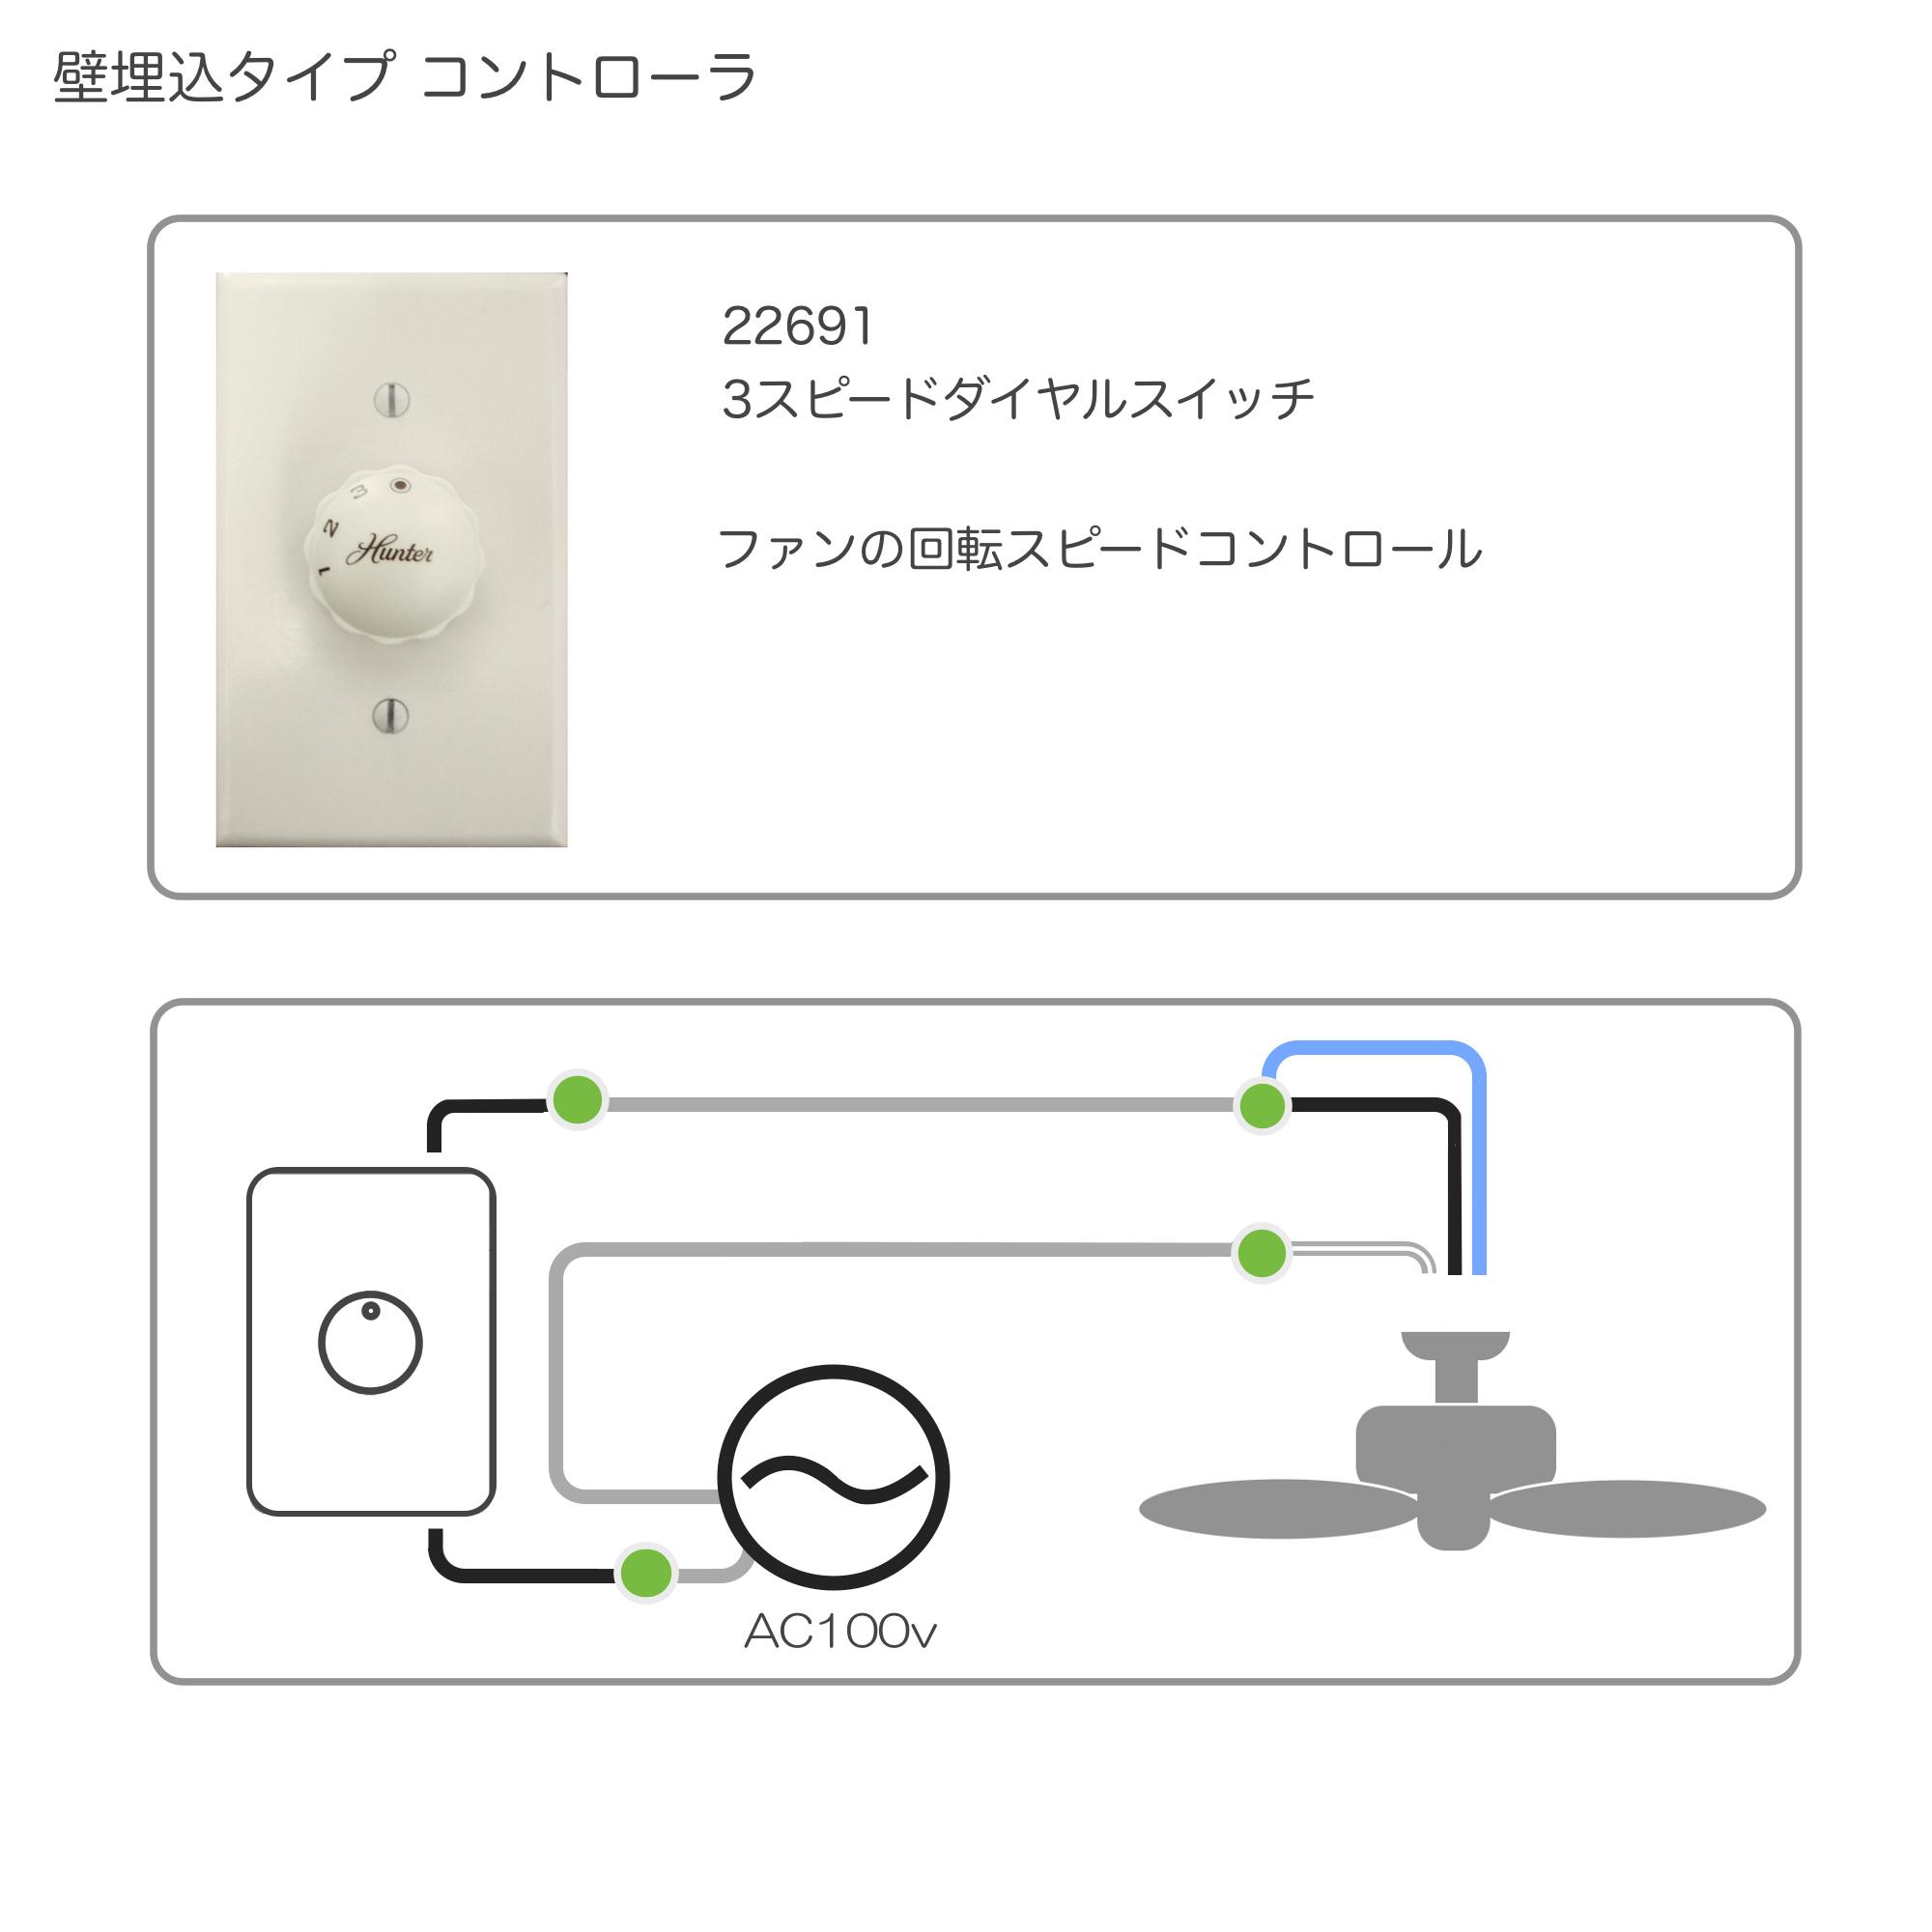 壁コントローラ (3速切替ダイヤル)ハンター カサブランカ シーリンファン専用